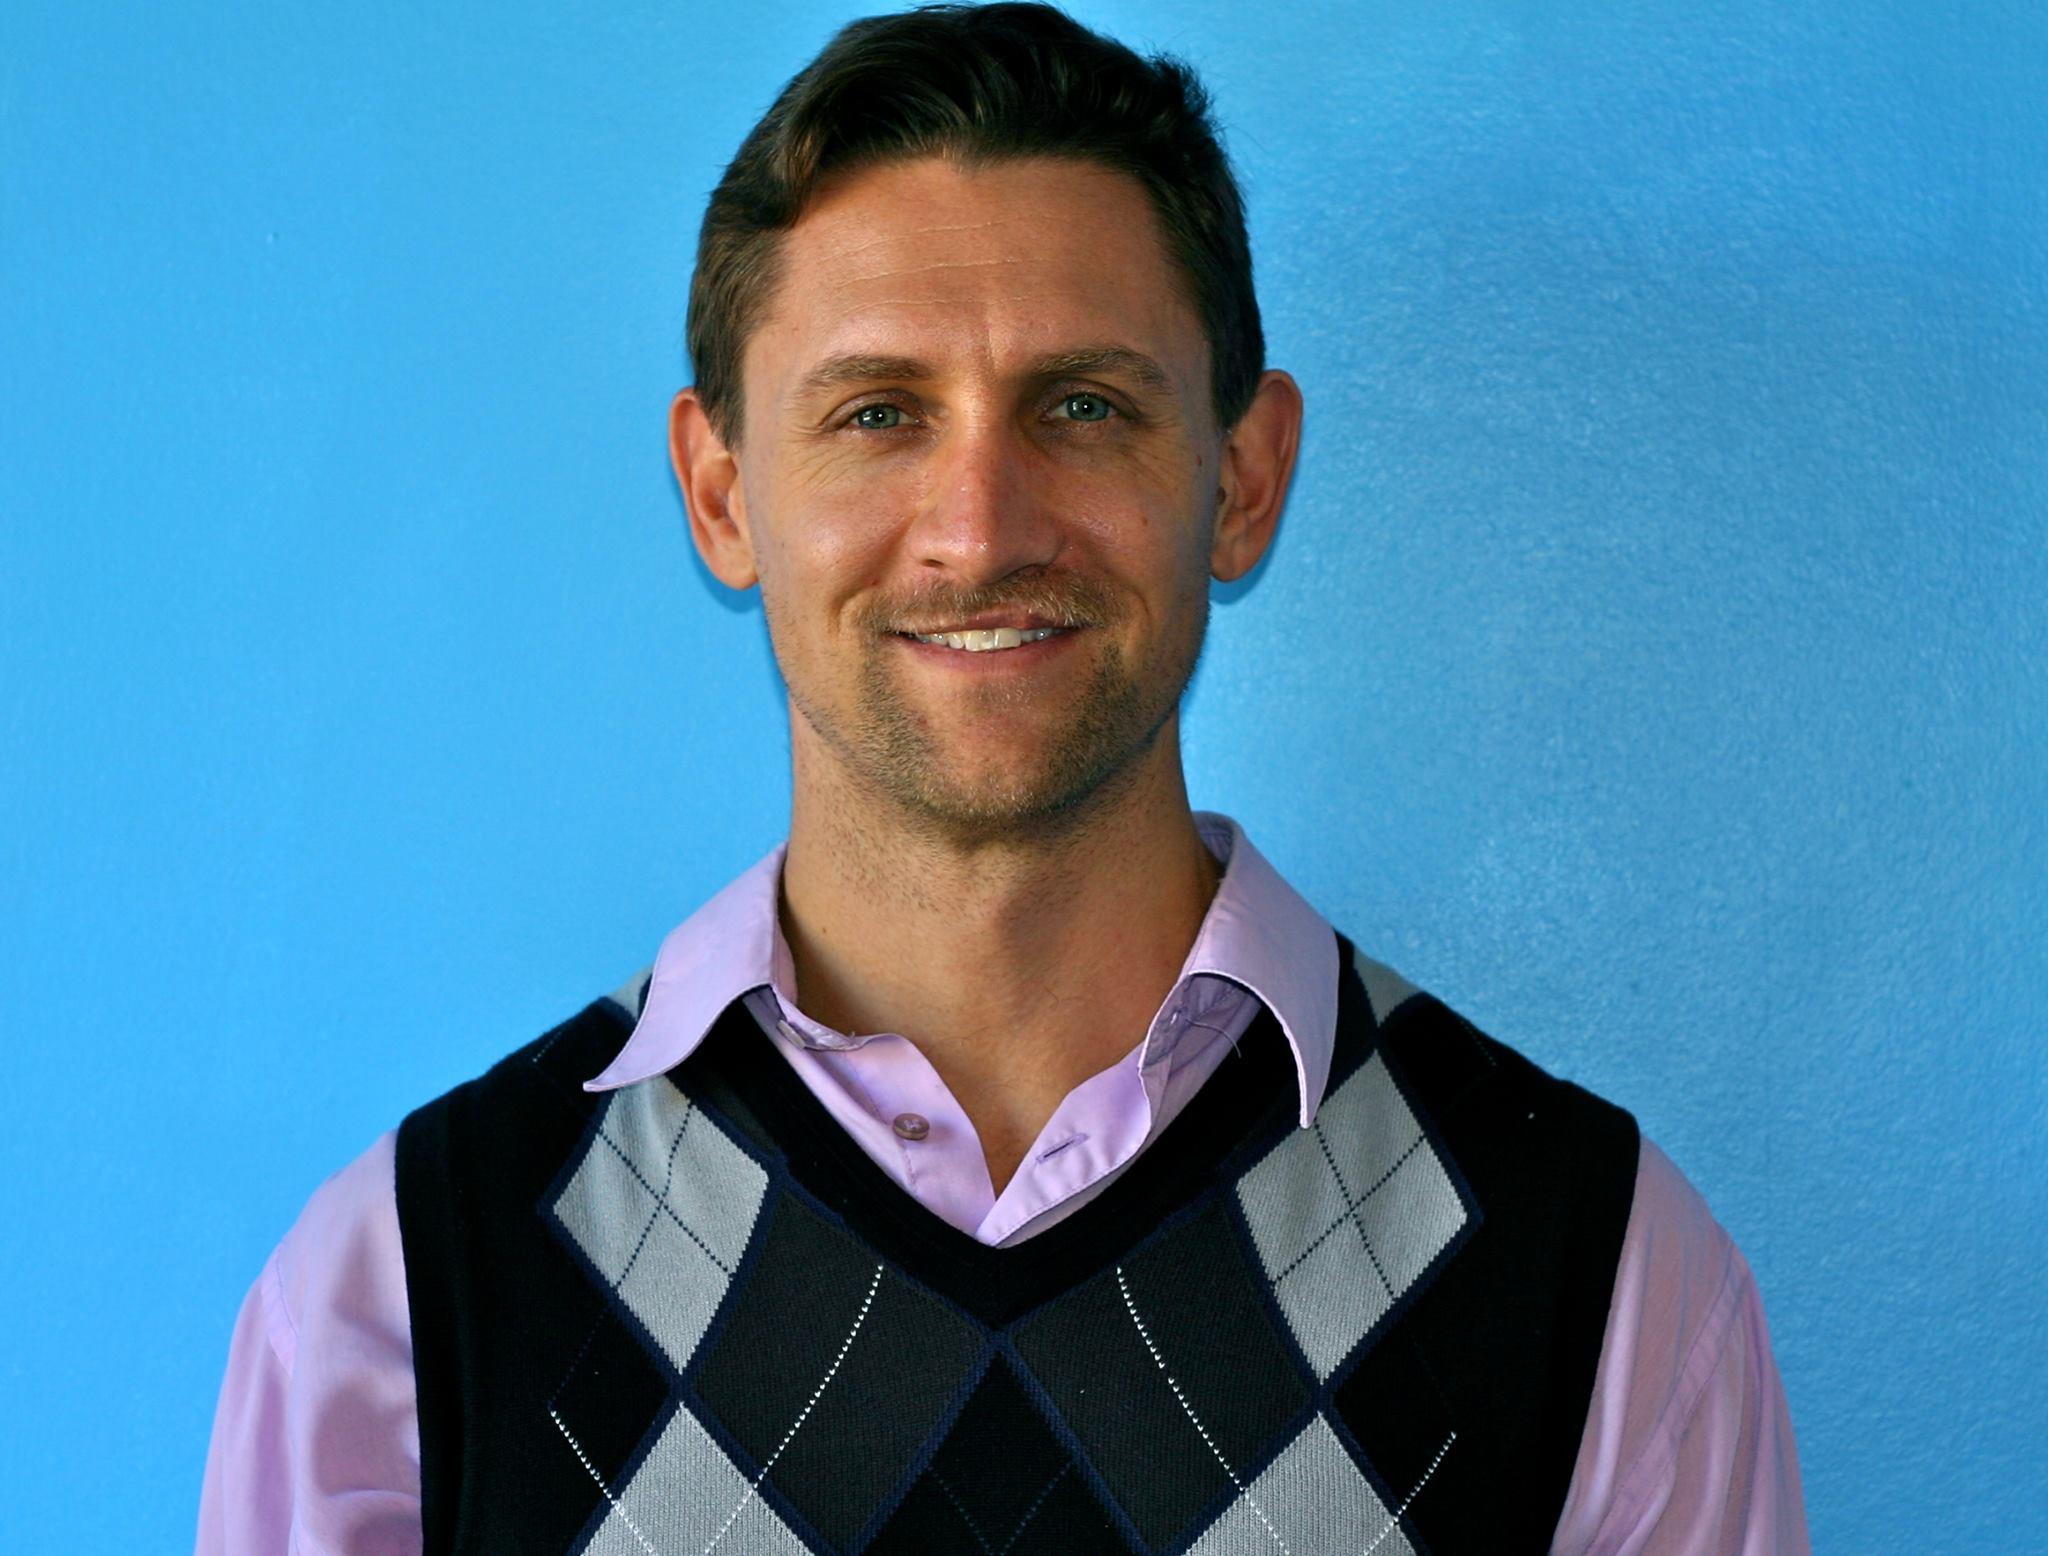 Simon Turmanis